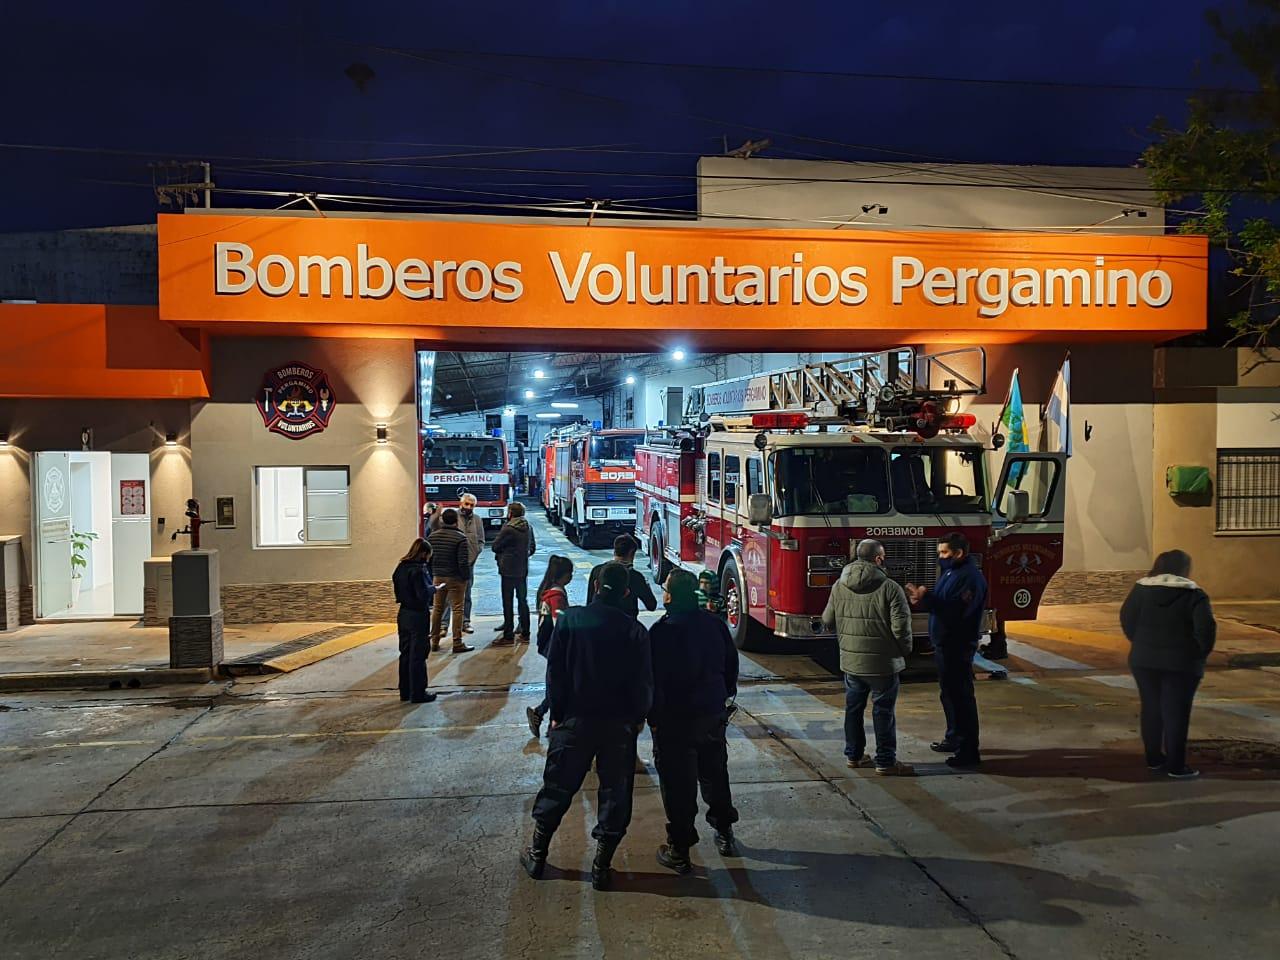 Bomberos Voluntarios volvió a poner en servicio la escalera de emergencias y presentó las reformas en el cuartel 4